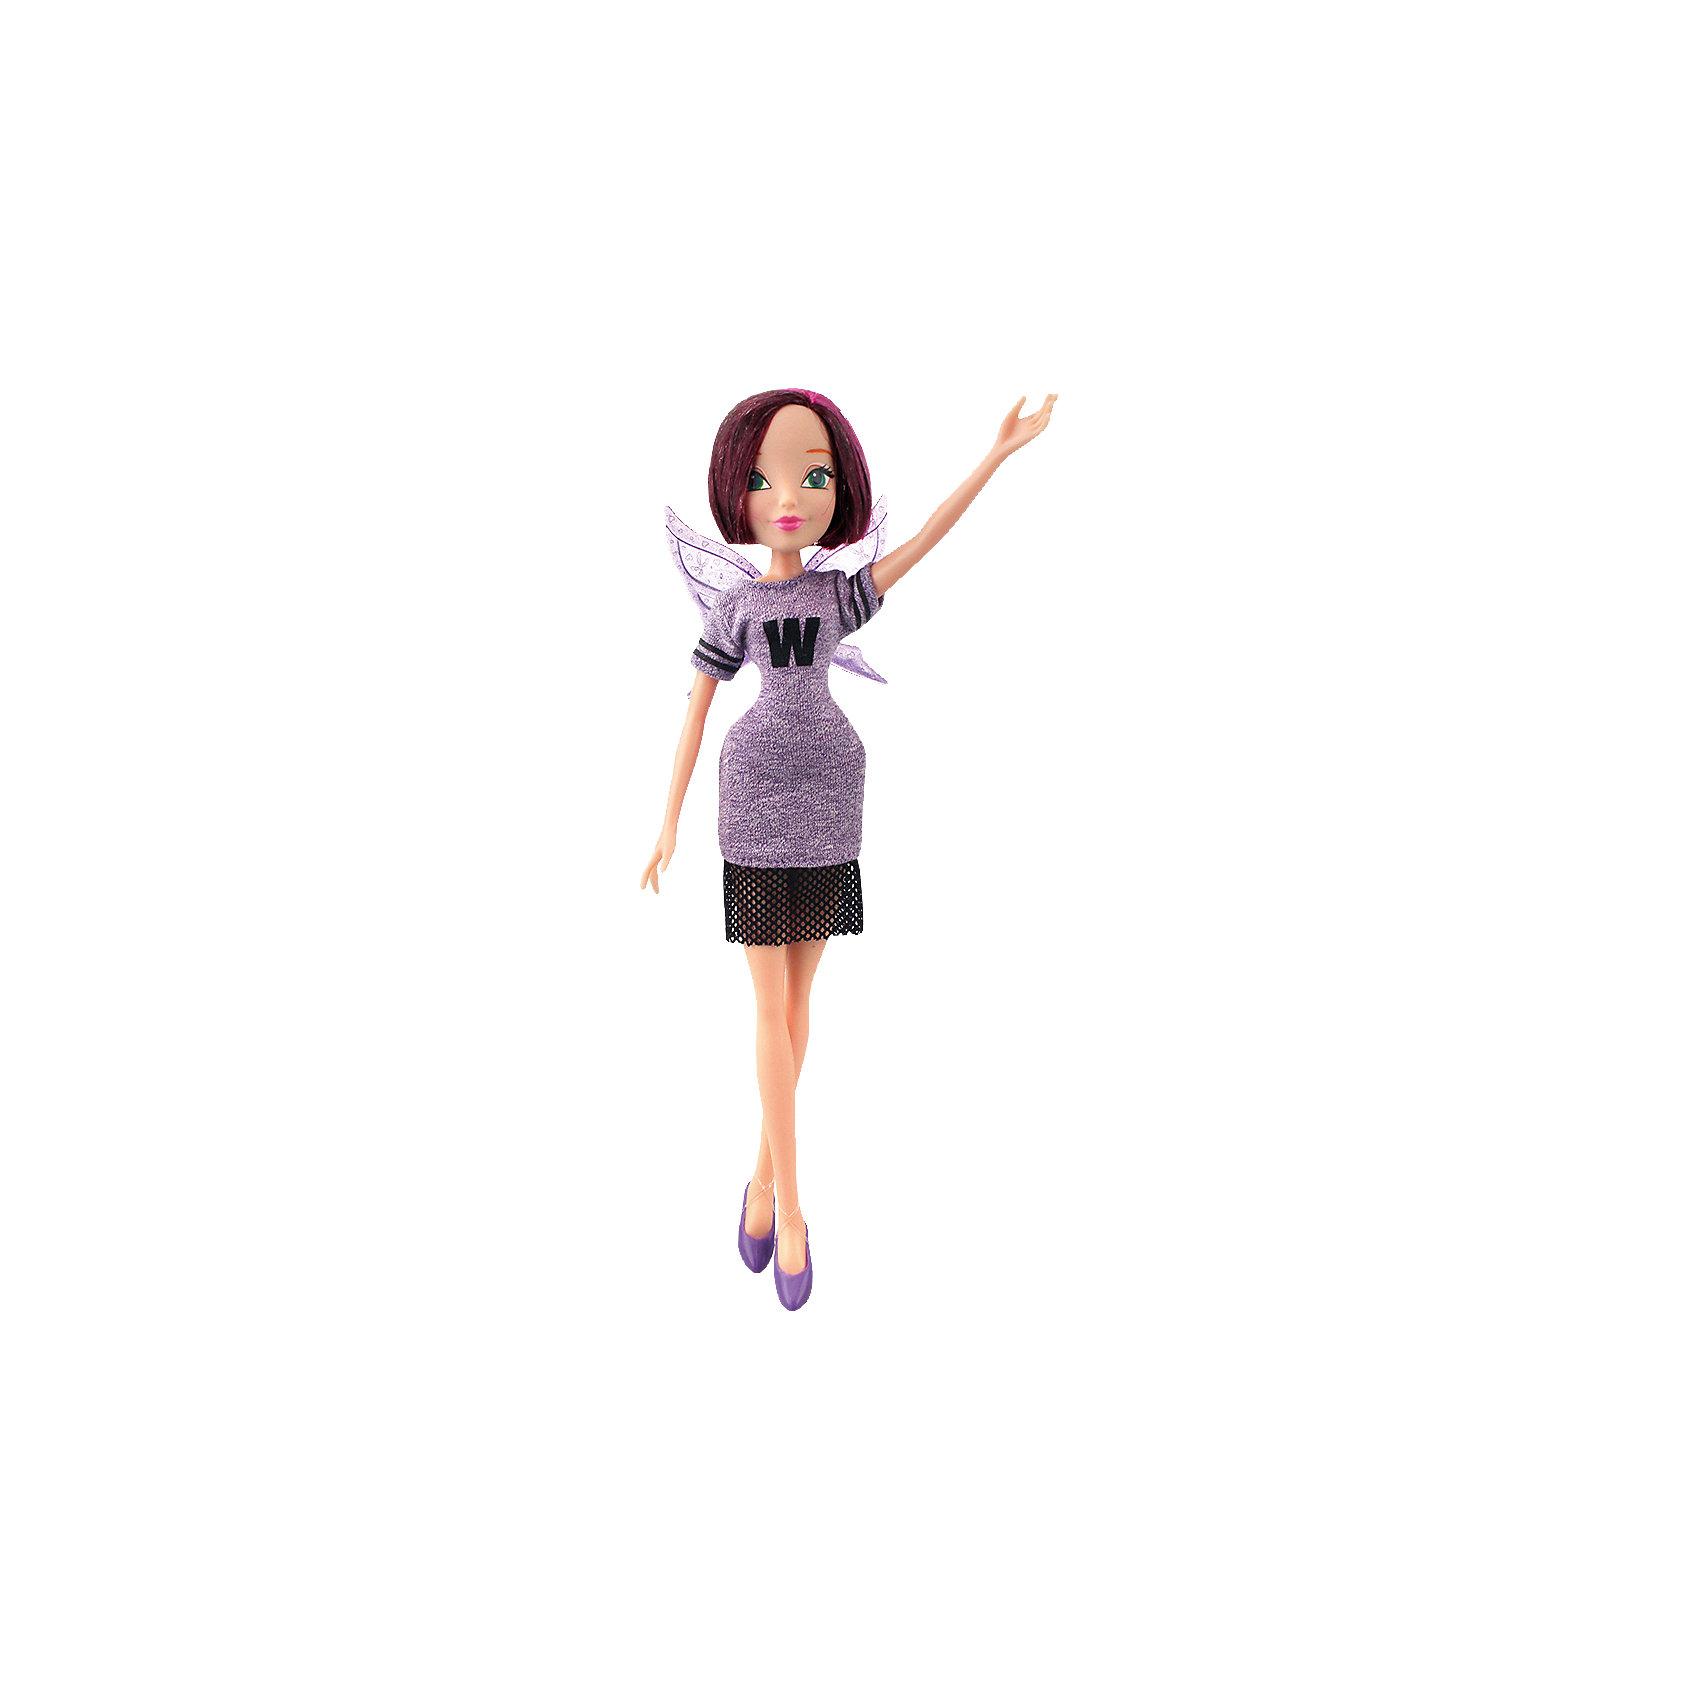 Кукла Текна Мода и магия-3, Winx ClubИгрушки<br>Характеристики товара:<br><br>• возраст: от 3 лет;<br>• материал: пластик, текстиль;<br>• в комплекте: кукла, платье, крылья;<br>• высота куклы: 28 см;<br>• размер упаковки: 25х20х10 см;<br>• вес упаковки: 167 гр.;<br>• страна производитель: Китай.<br><br>Кукла Текна «Мода и магия-3» Winx Club создана по мотивам известного мультсериала «Клуб Винкс: Школа волшебниц» про очаровательных фей-волшебниц. Текна — одна из лучших учениц школы. Она очень сообразительная и умная, предметы в школе ей даются легко. Текна увлекается не только магией, но и технологиями и постоянно носит с собой маленький компьютер. <br><br>У феи выразительные зеленые глаза и короткие фиолетовые волосы, которые можно расчесывать, заплетать и украшать. Одета Текна в спортивное фиолетовое платье с буквой W. Дополняют образ куколки крылышки на спине. У куклы несколько точек артикуляции. Руки сгибаются в локтях и плечах, ноги в бедрах и коленях. <br><br>Куклу Текну «Мода и магия-3» Winx Club можно приобрести в нашем интернет-магазине.<br><br>Ширина мм: 200<br>Глубина мм: 250<br>Высота мм: 100<br>Вес г: 167<br>Возраст от месяцев: 36<br>Возраст до месяцев: 2147483647<br>Пол: Женский<br>Возраст: Детский<br>SKU: 5532636